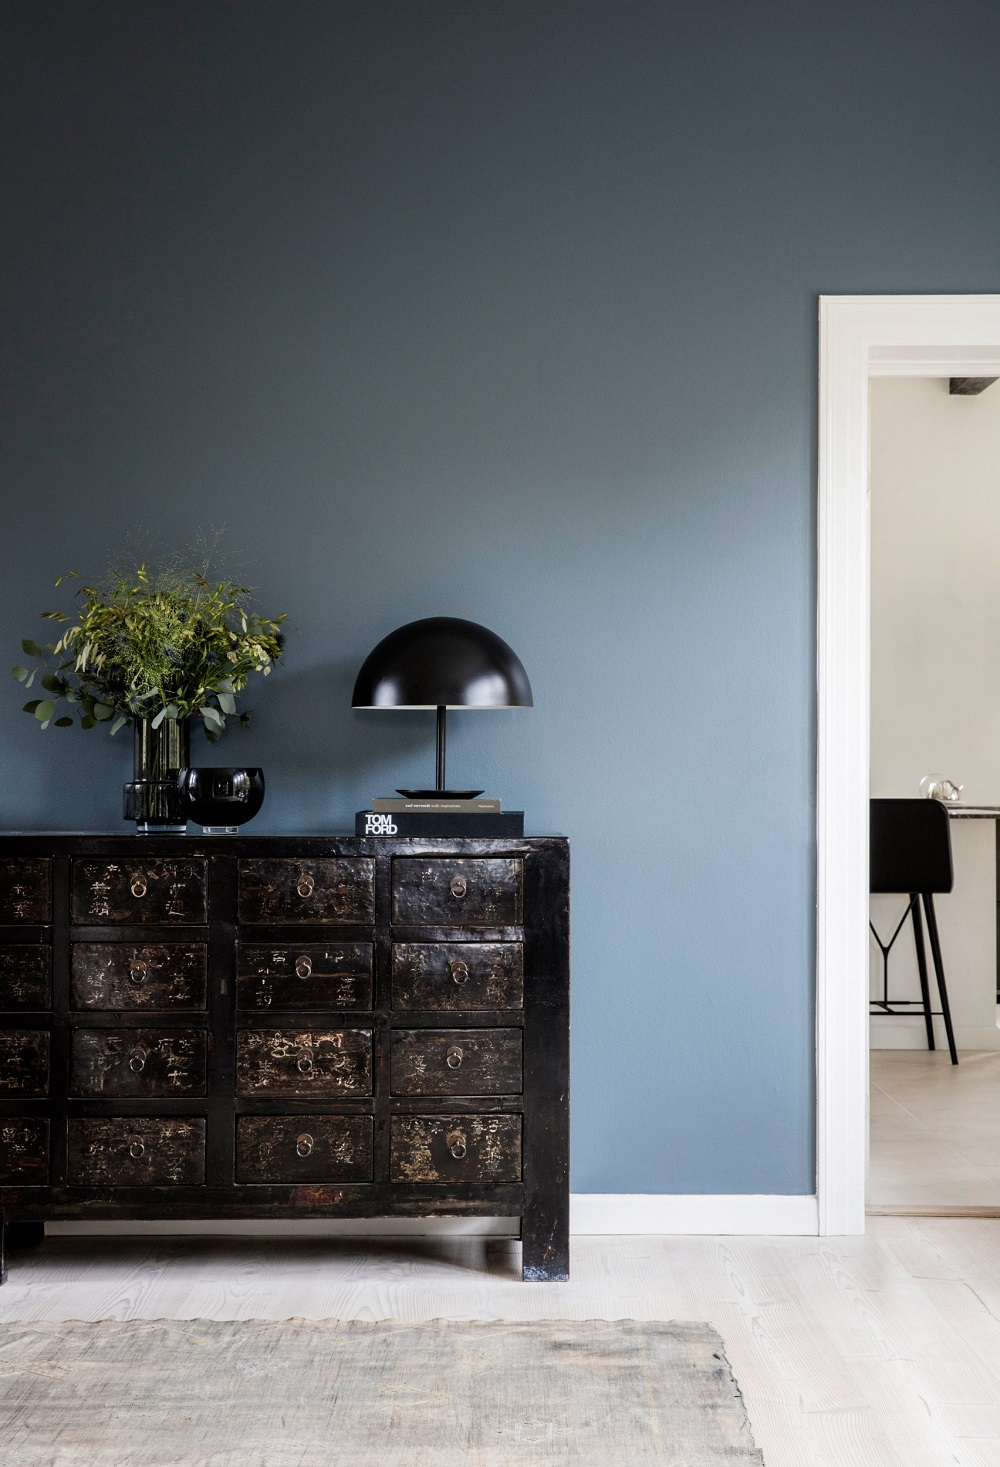 casa a Copenhagen di Kaja Moller, CEO brand design scandinavo Fredericia